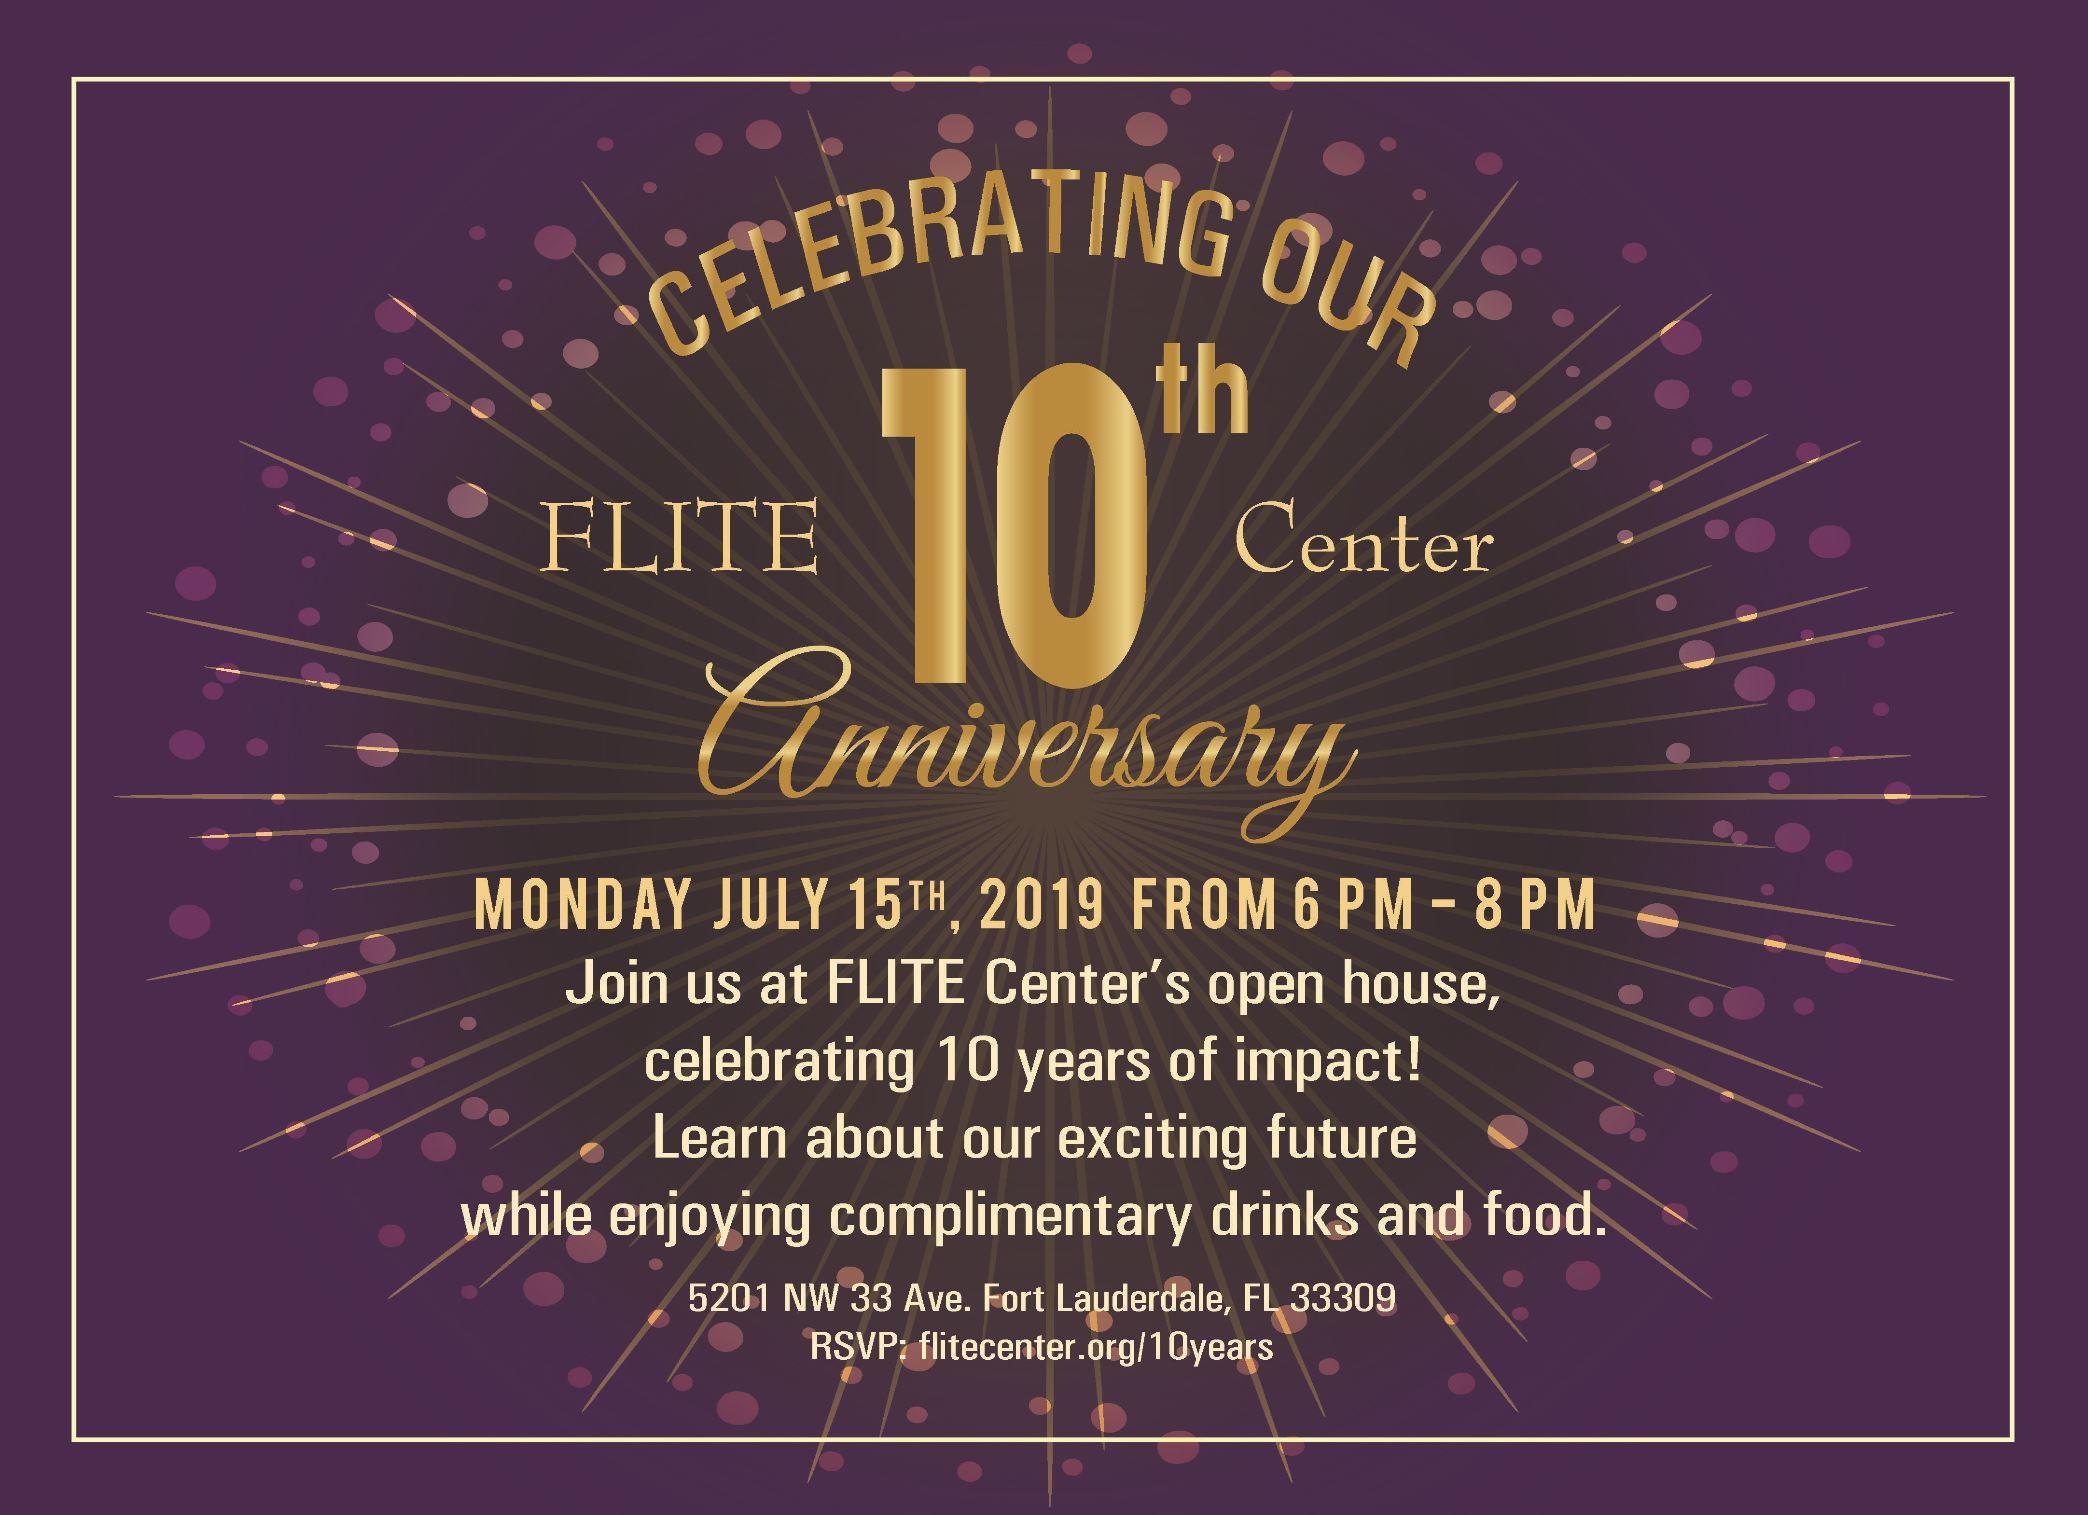 FLITE Center Anniversary Invite.jpg